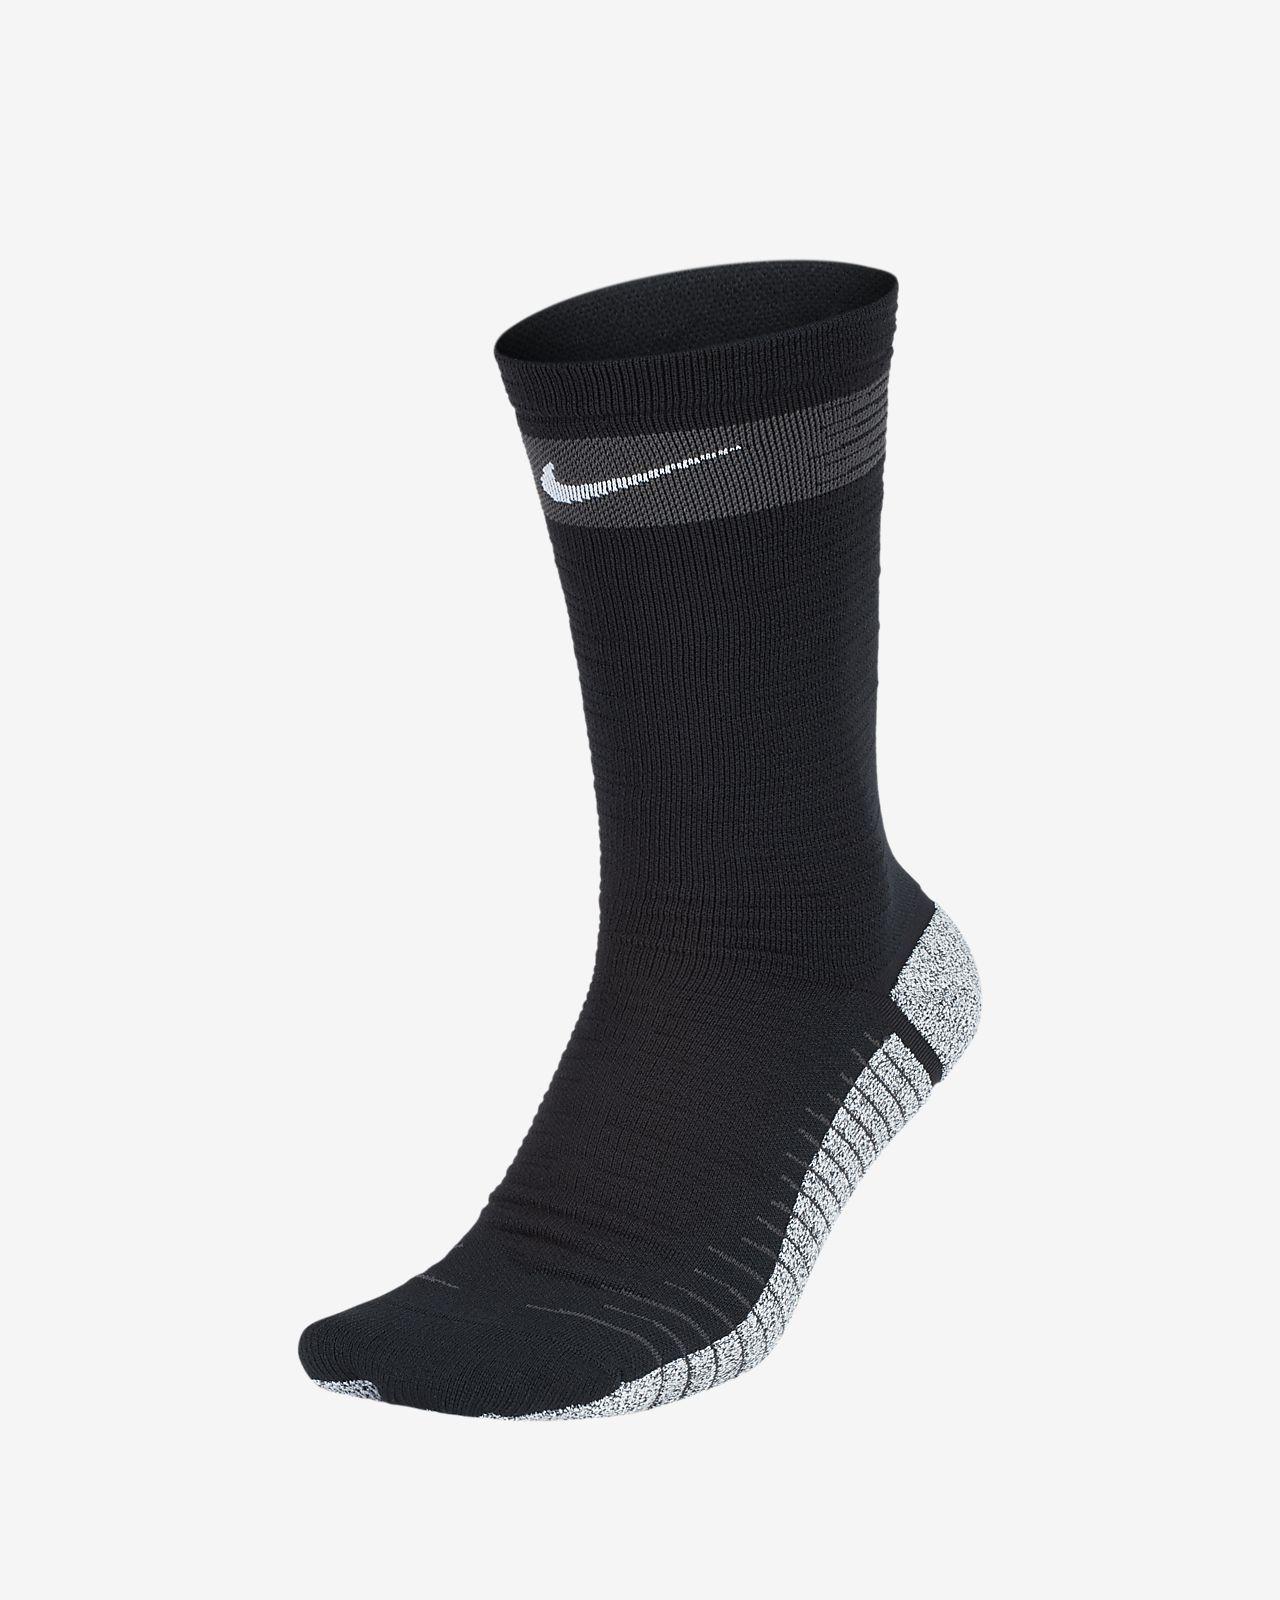 Ποδοσφαιρικές κάλτσες NikeGrip Strike Light Crew